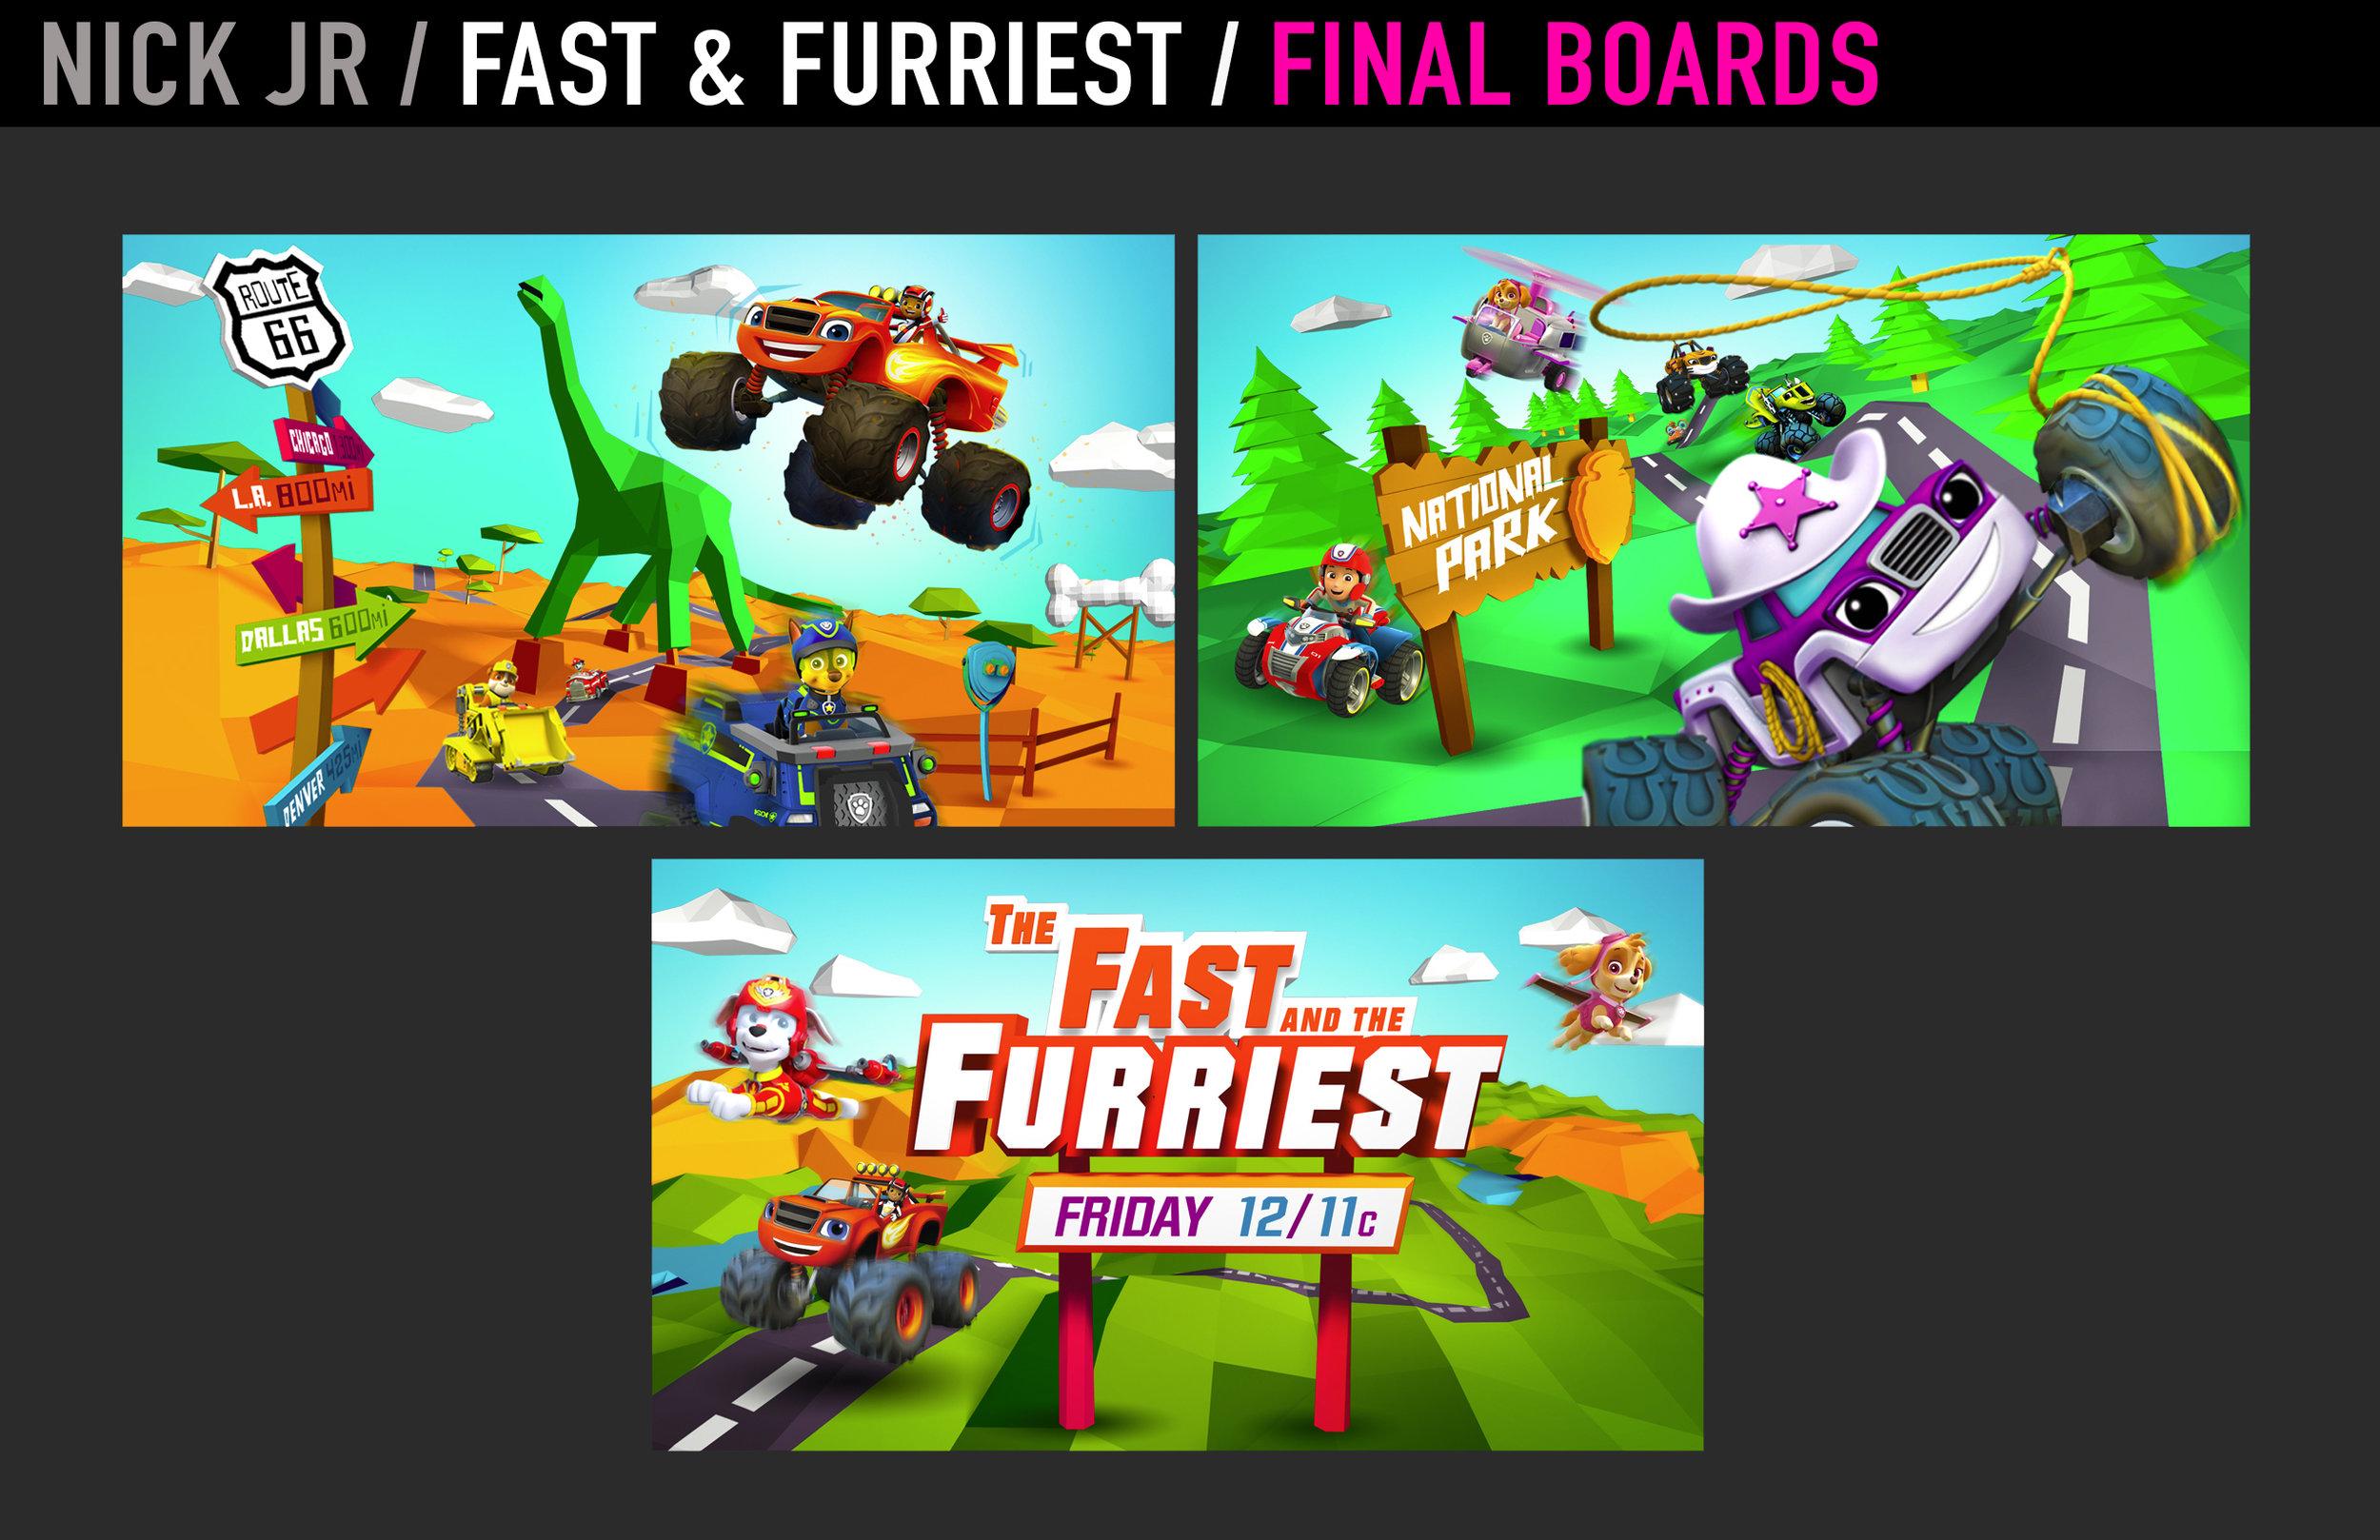 Fast_Burriest_Final_Boards.jpg